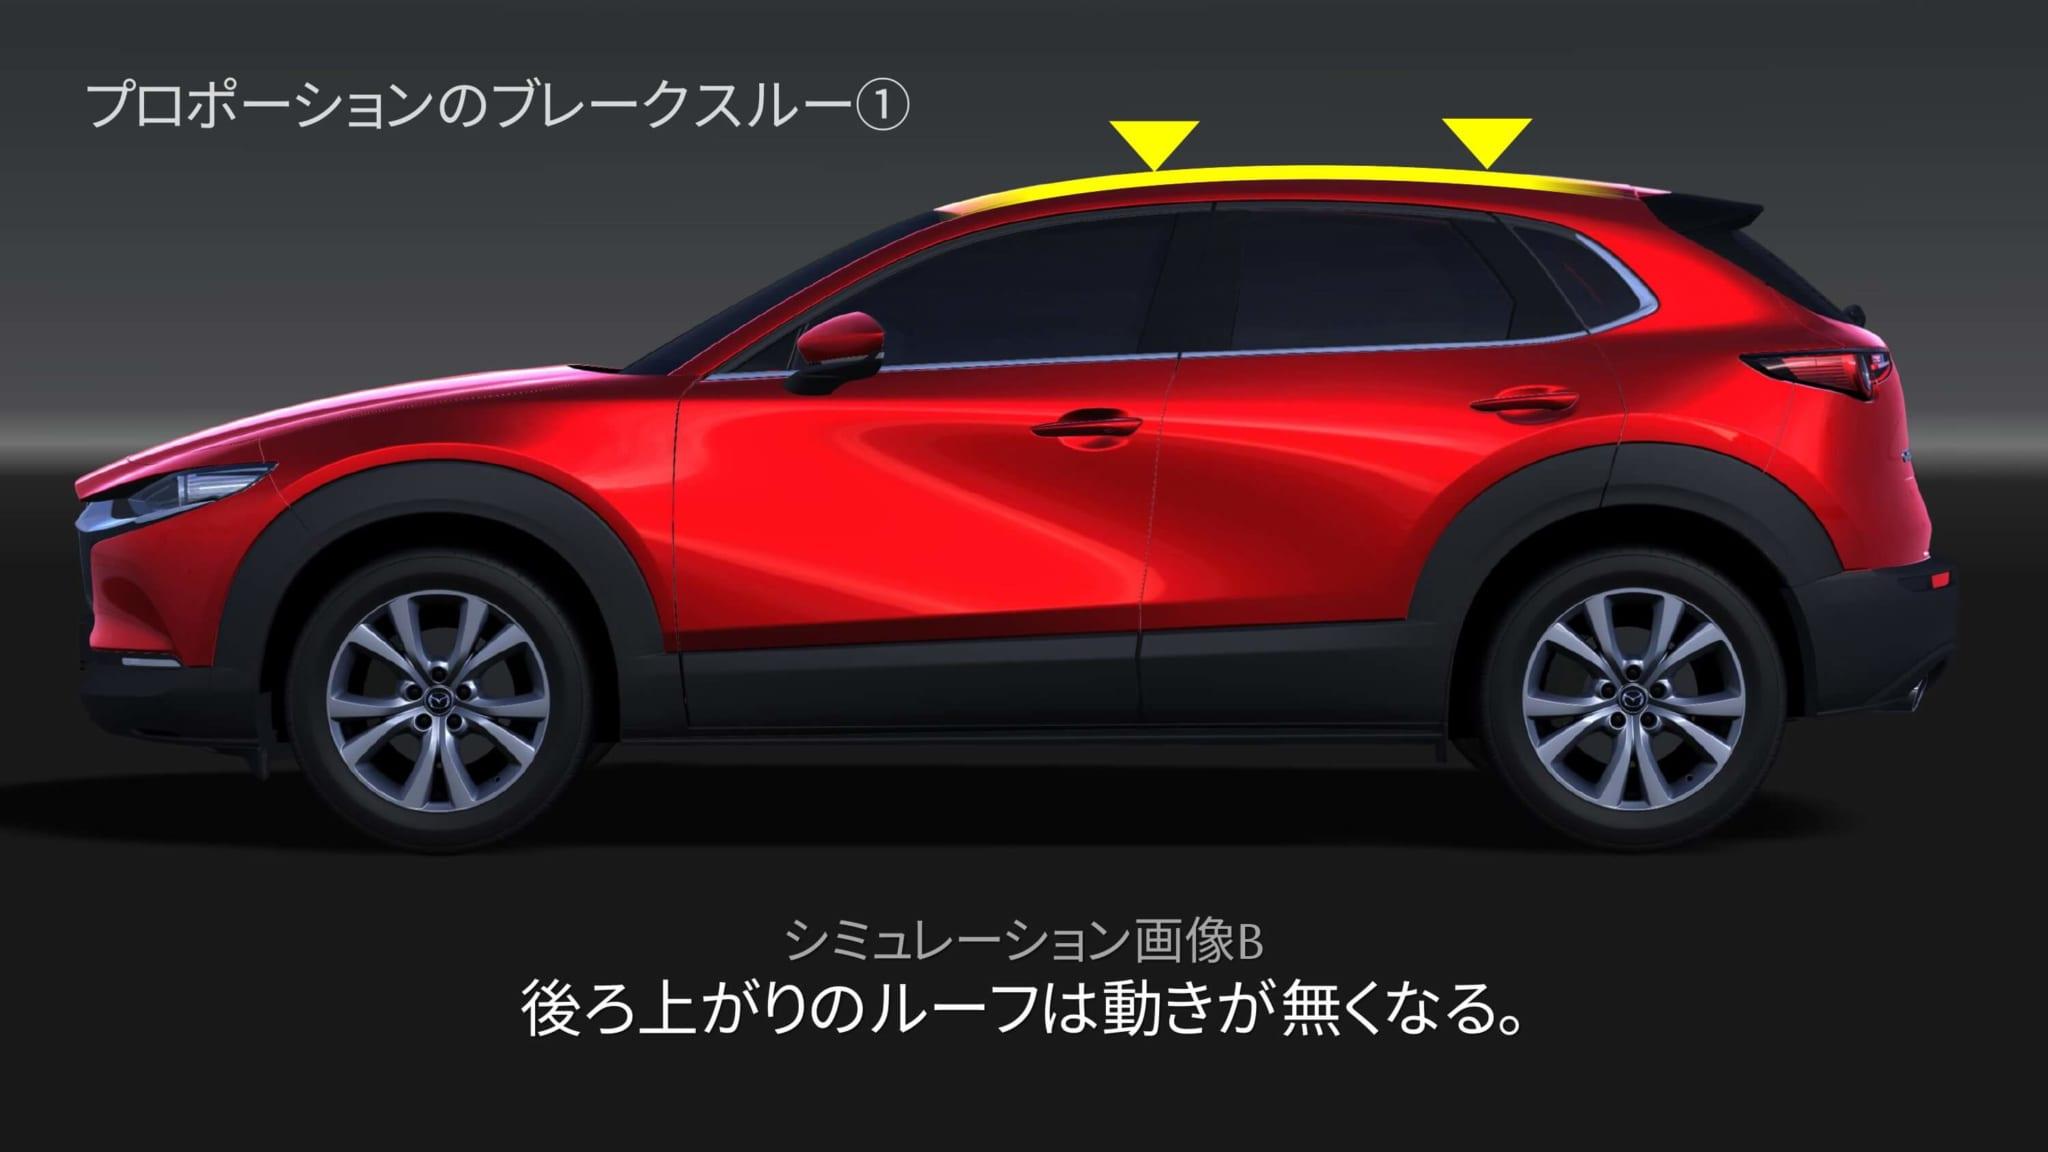 マツダ CX-30 デザイン資料